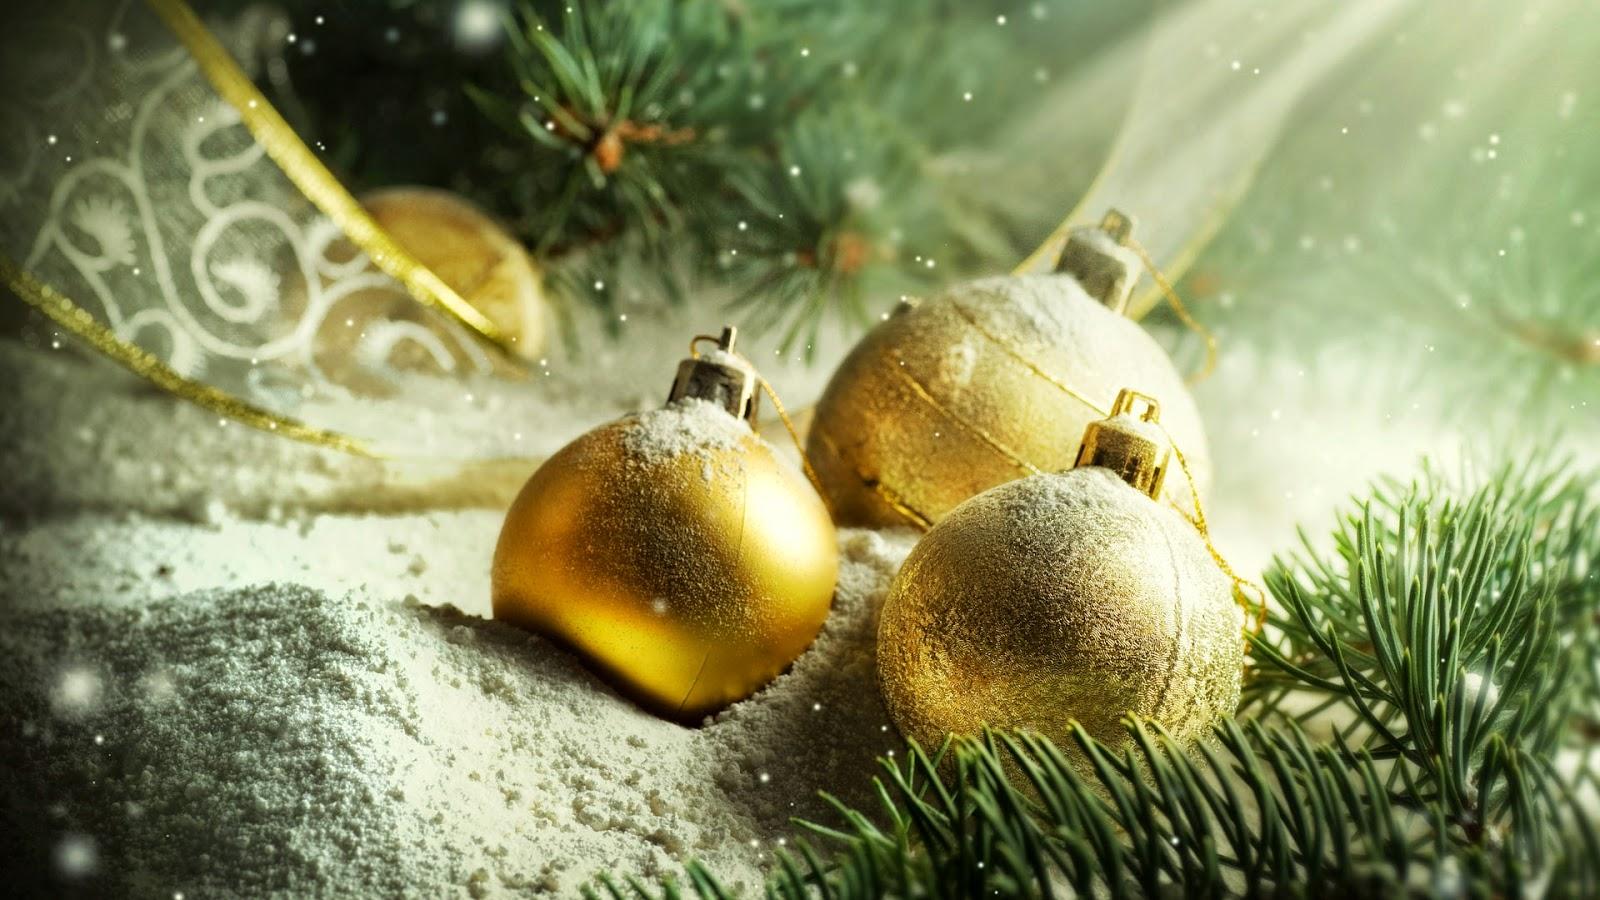 Fondos Verdes De Navidad Para Pantalla Hd 2 Hd Wallpapers: Fondos HD Wallpapers: Fondo De Pantalla Navidad Bolas